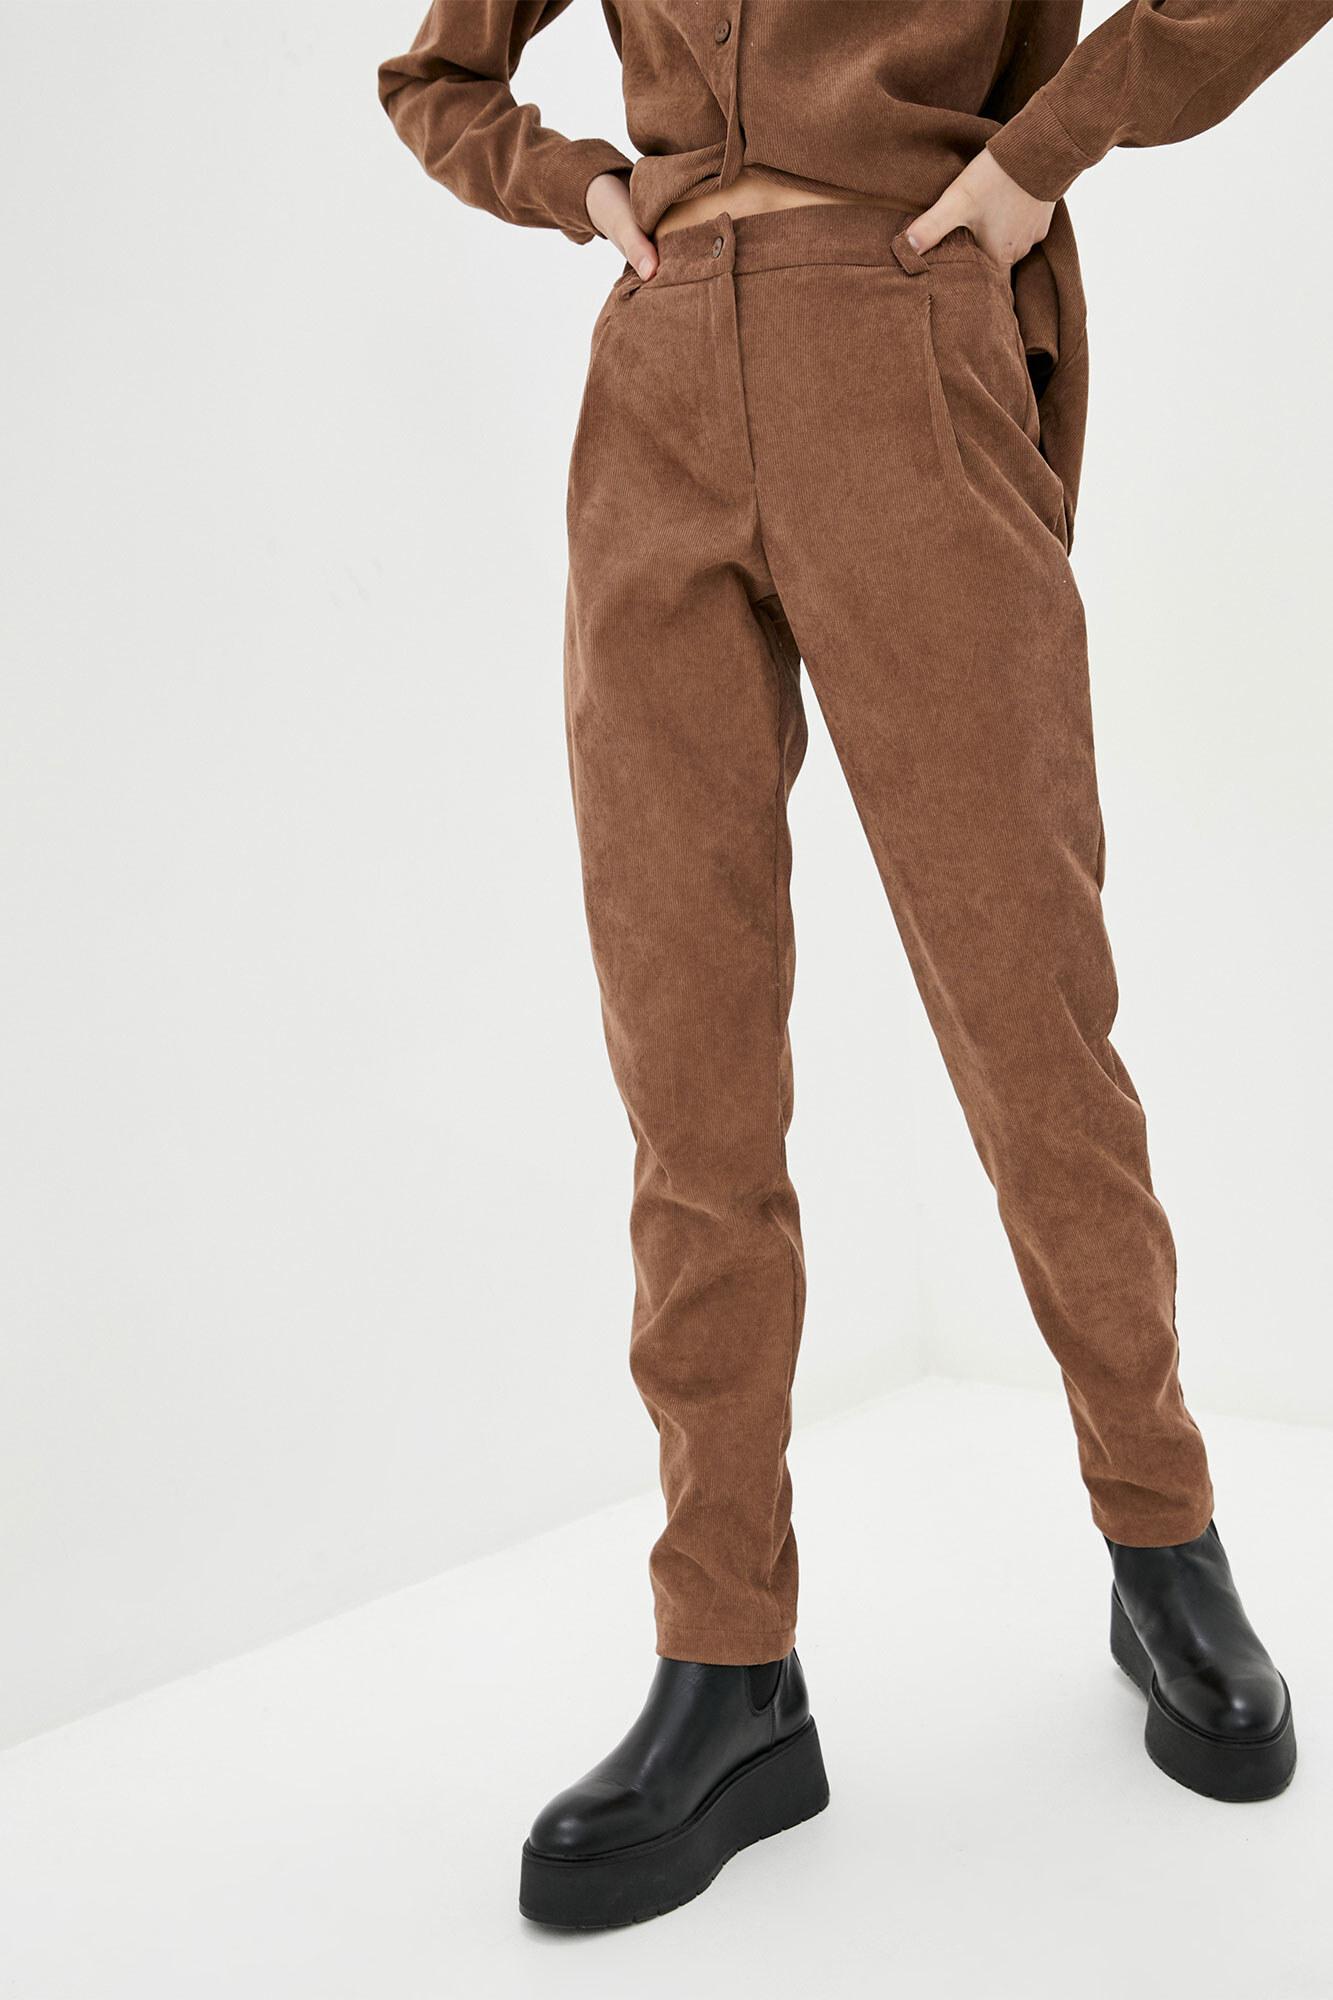 Высокие зауженные штаны из коричневого вельвета GEN